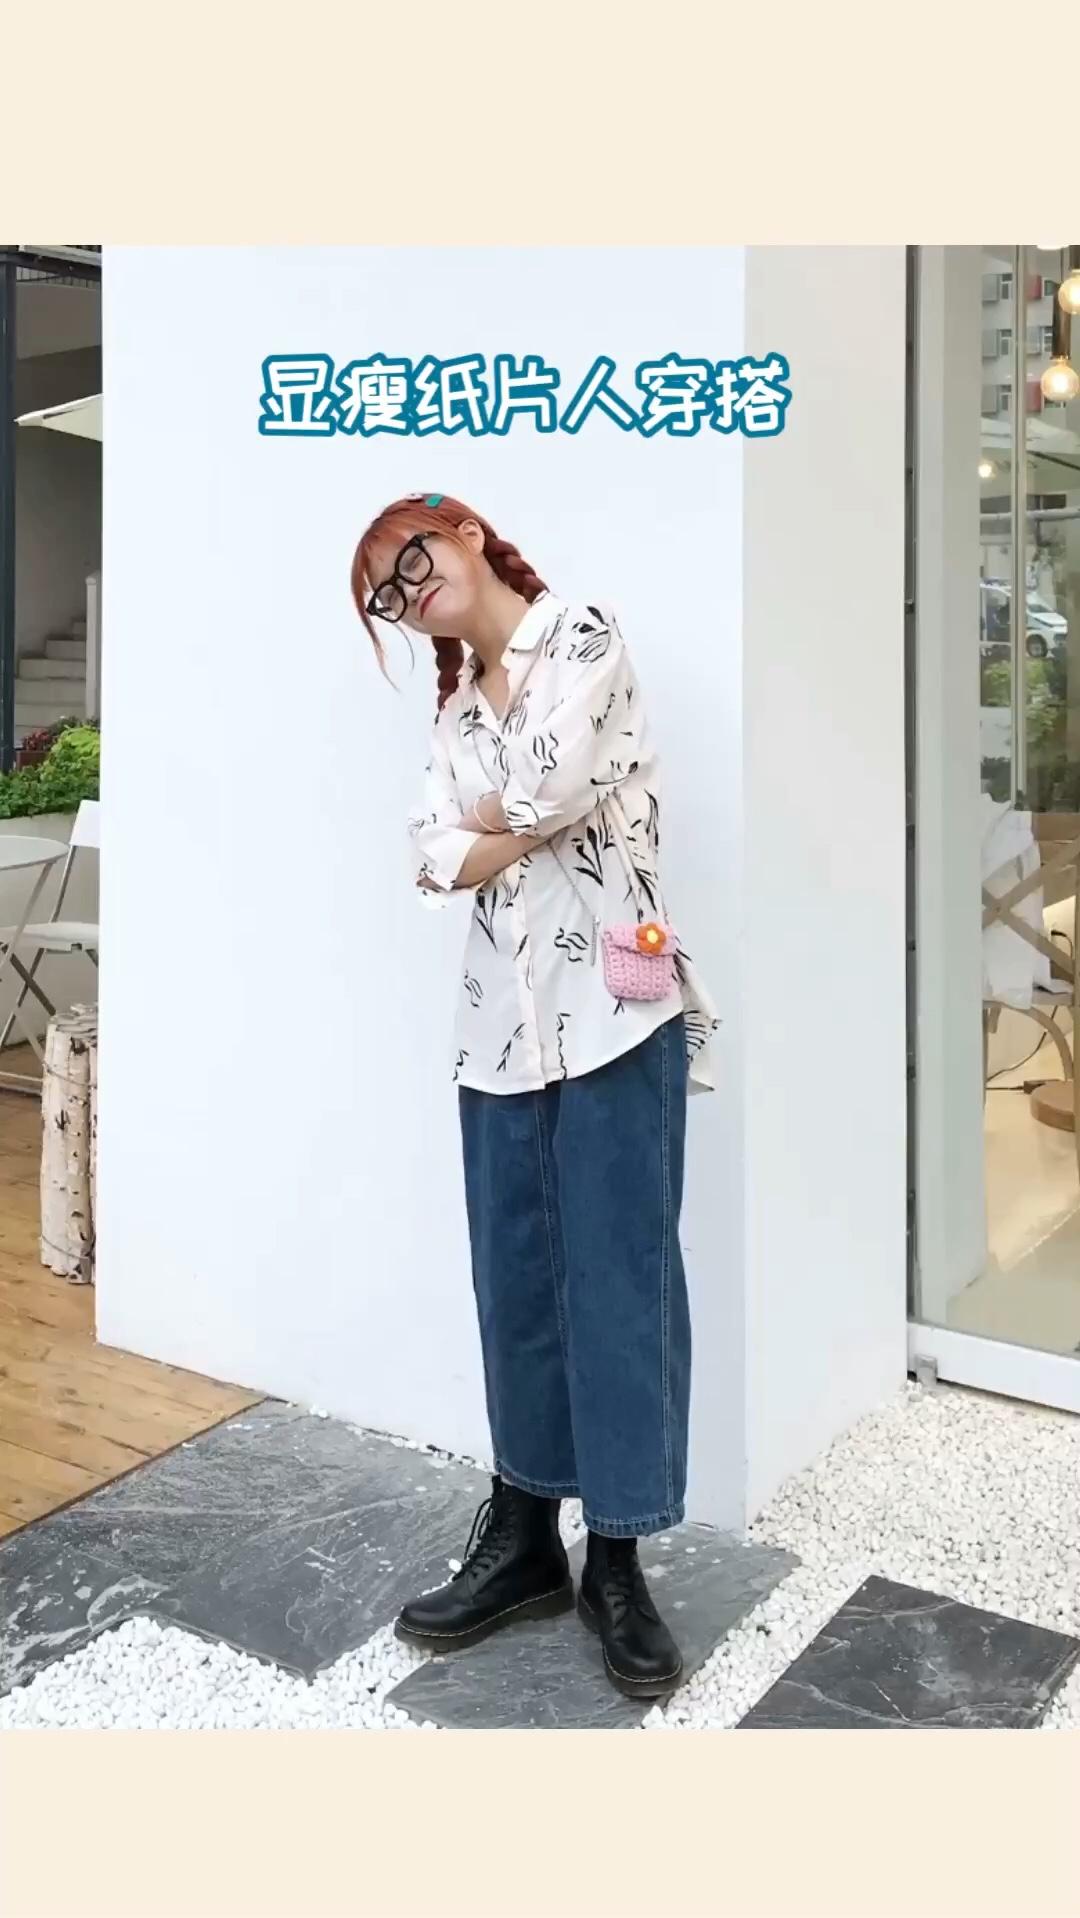 #情人节逆袭大变身!秒脱单!# 线条款中袖衬衫+蓝色牛仔裙 这一套是韩系简约的风格~ 自己搭配两种穿法,其实就是衬衫扣上和不扣的两种风格啦 搭配帅气的马丁靴 日常可以戴帽子 这样显得日常随性,酷酷的感觉也不错哦